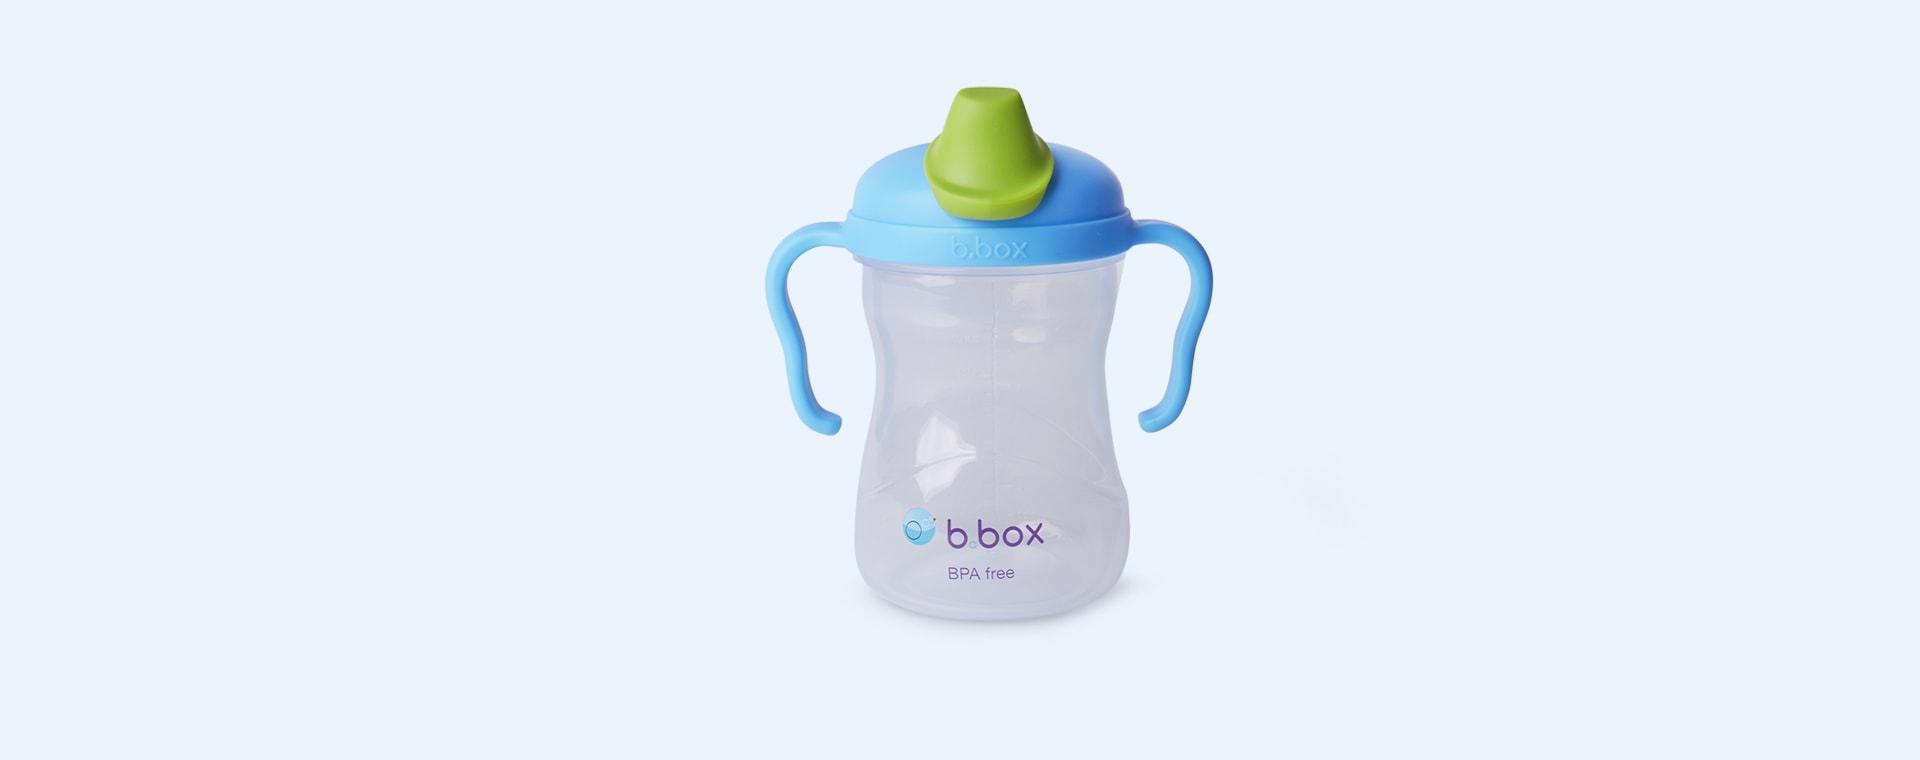 Blueberry b.box Spout Cup